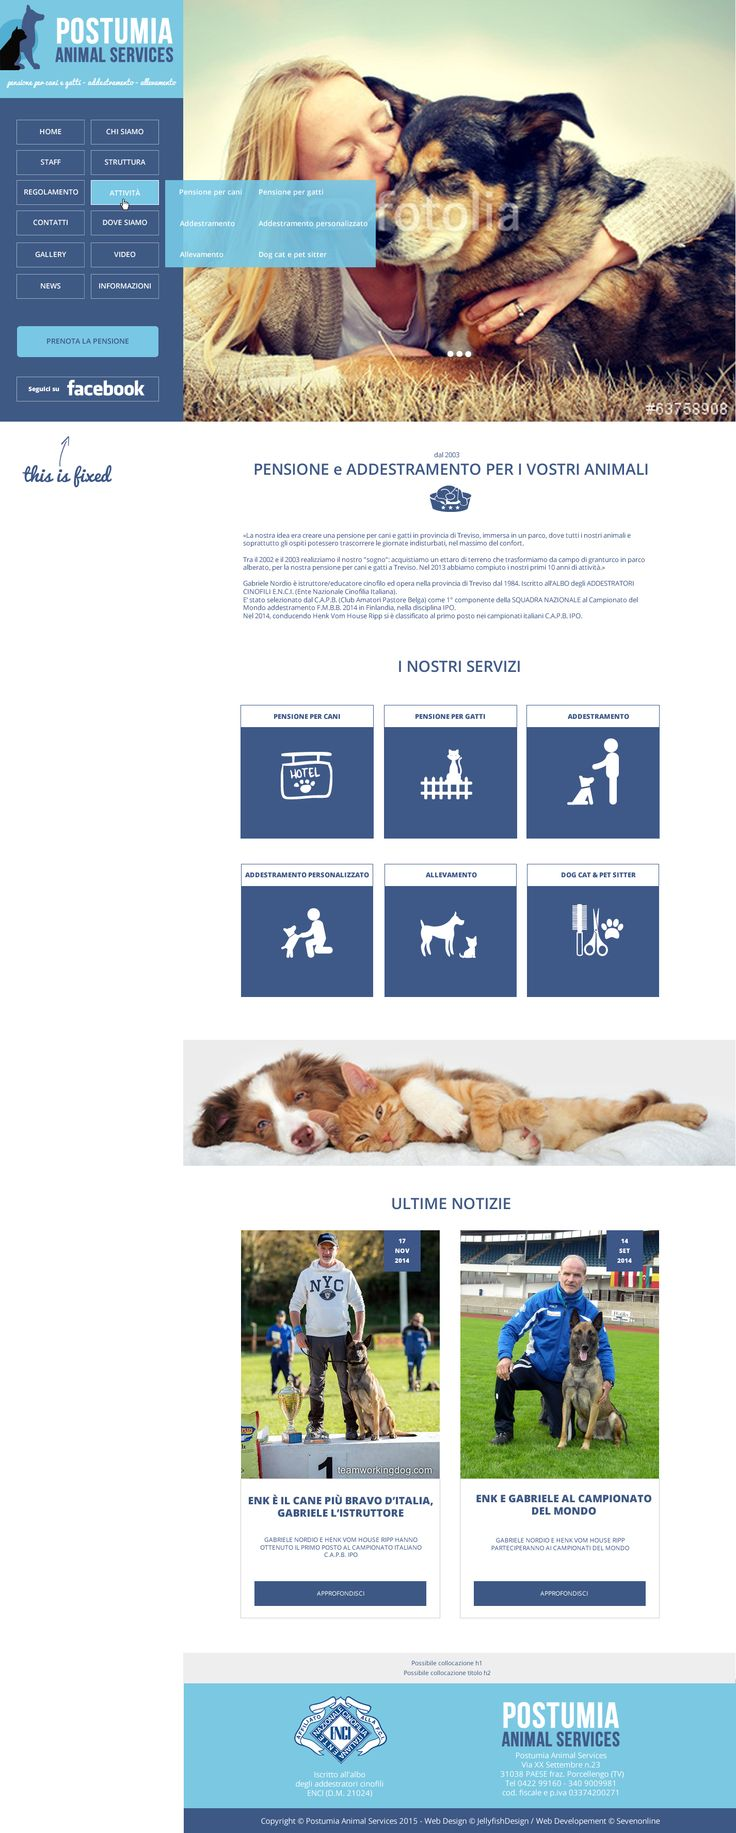 Postumia Animal Services - Pensione per cani, addestramento, allevamento pastore tedesco e pastore belga Malinois.  Bozza grafica per restyling vecchio sito.  Novembre 2014. By Jellyfish Design. www.jellyfishdesign.it